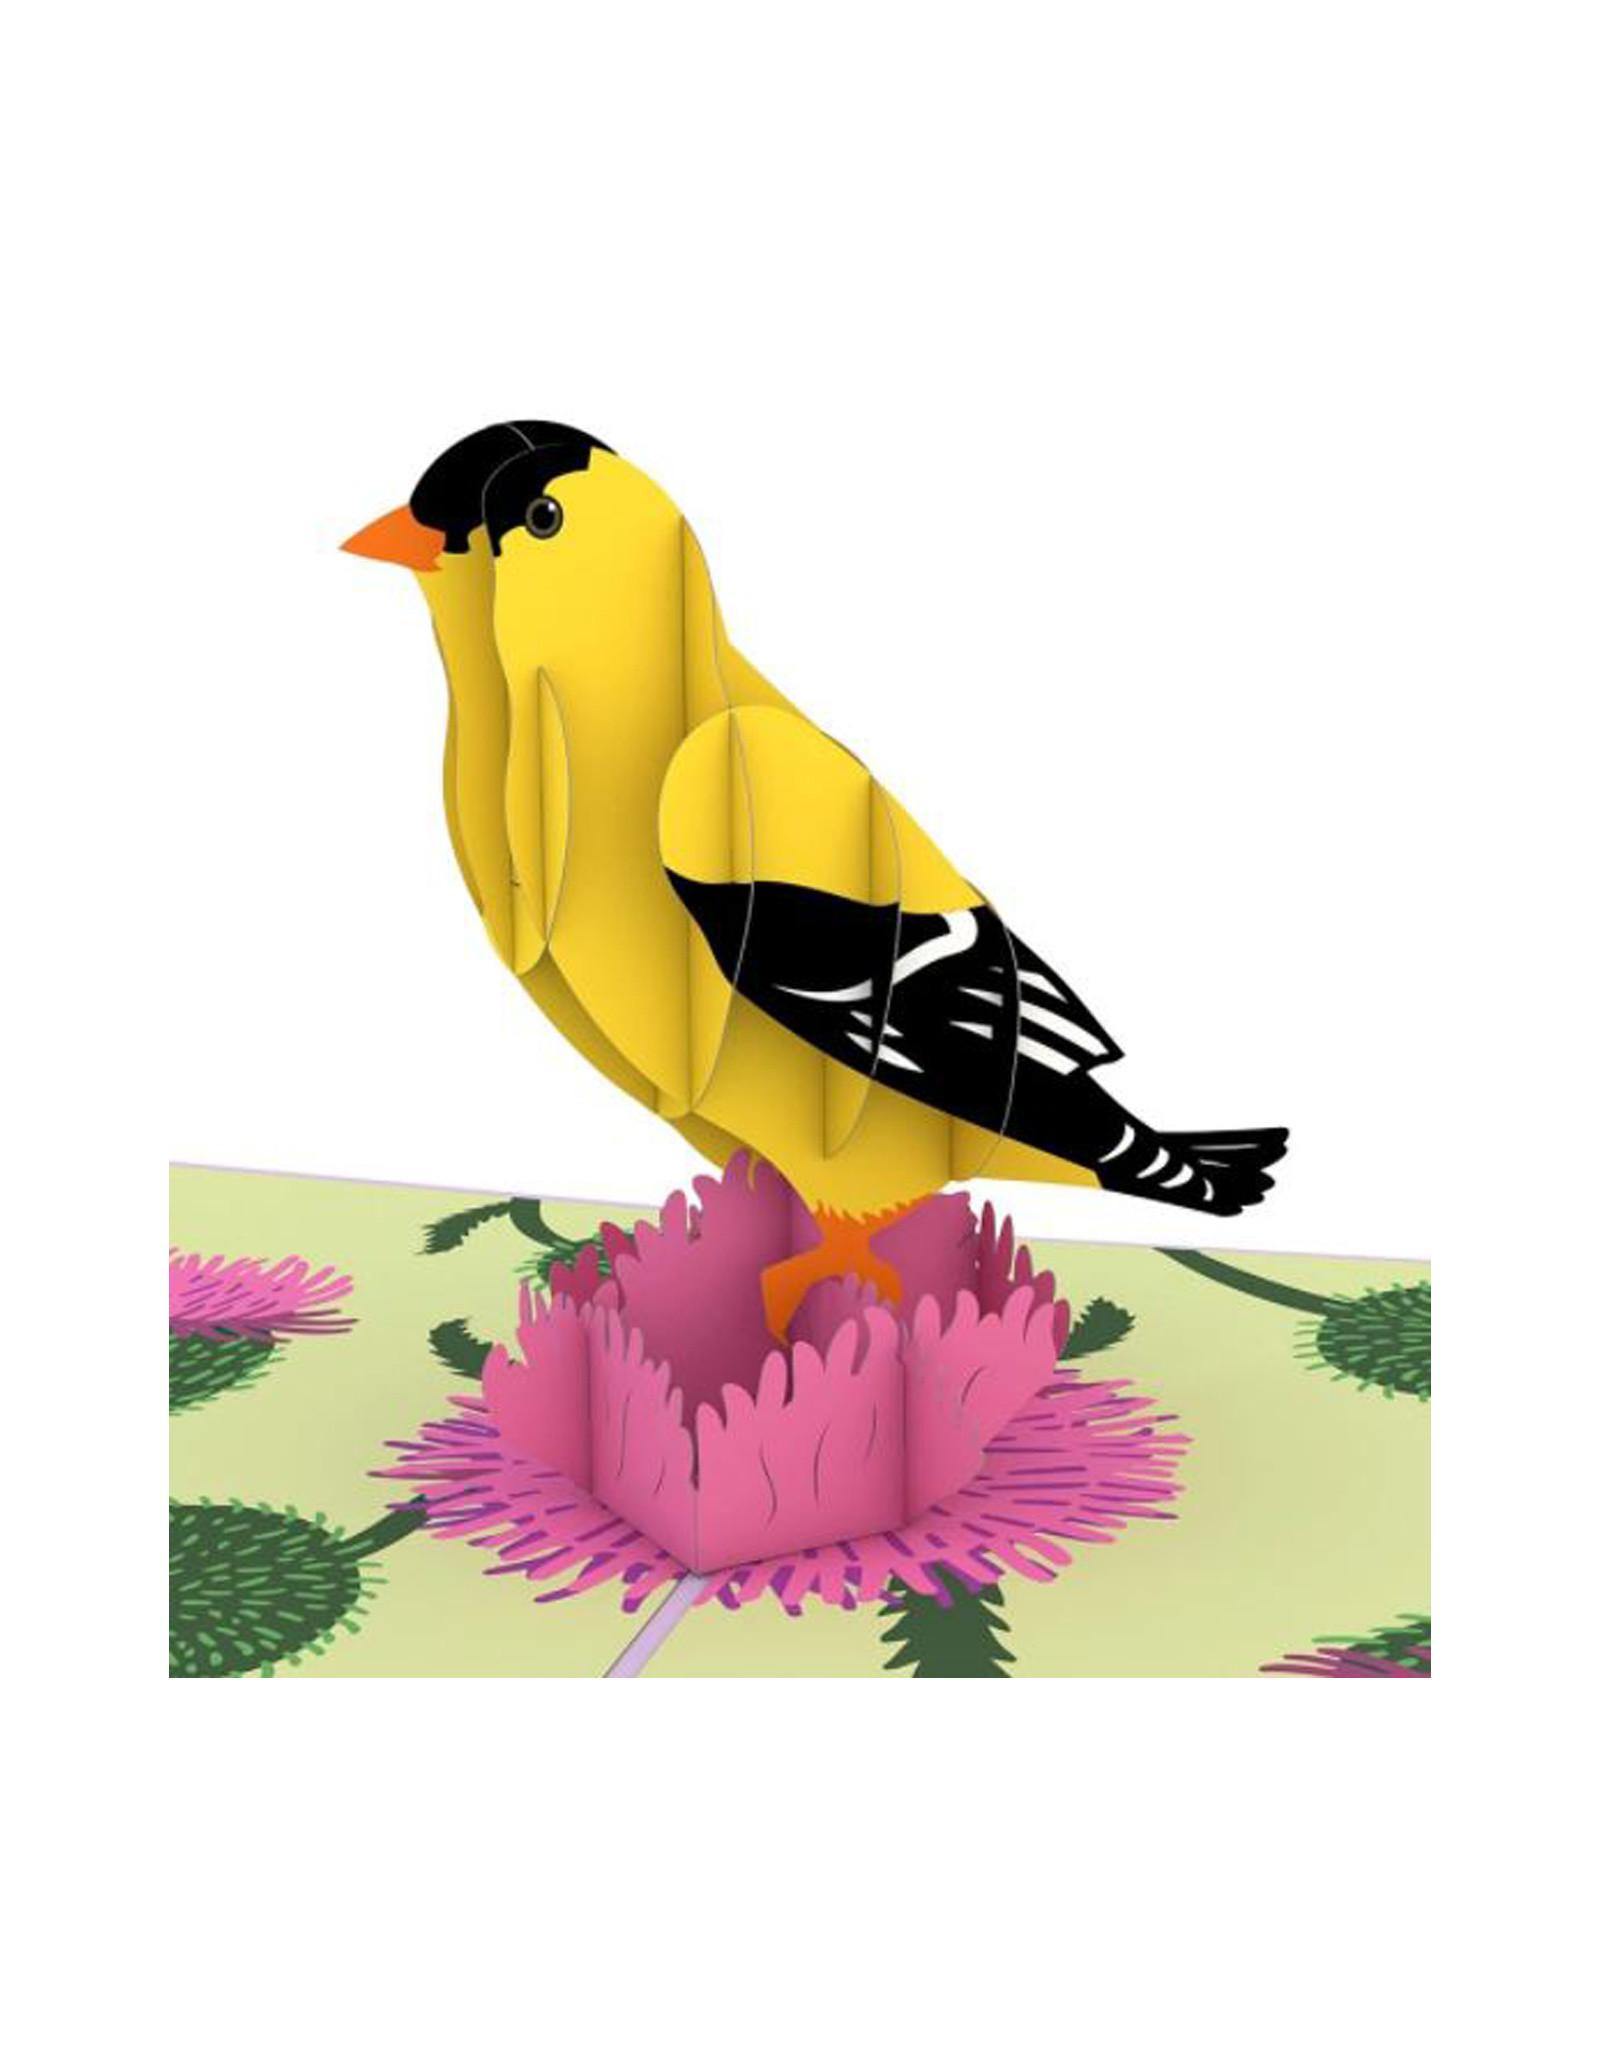 3D Popup Gold Finch Card